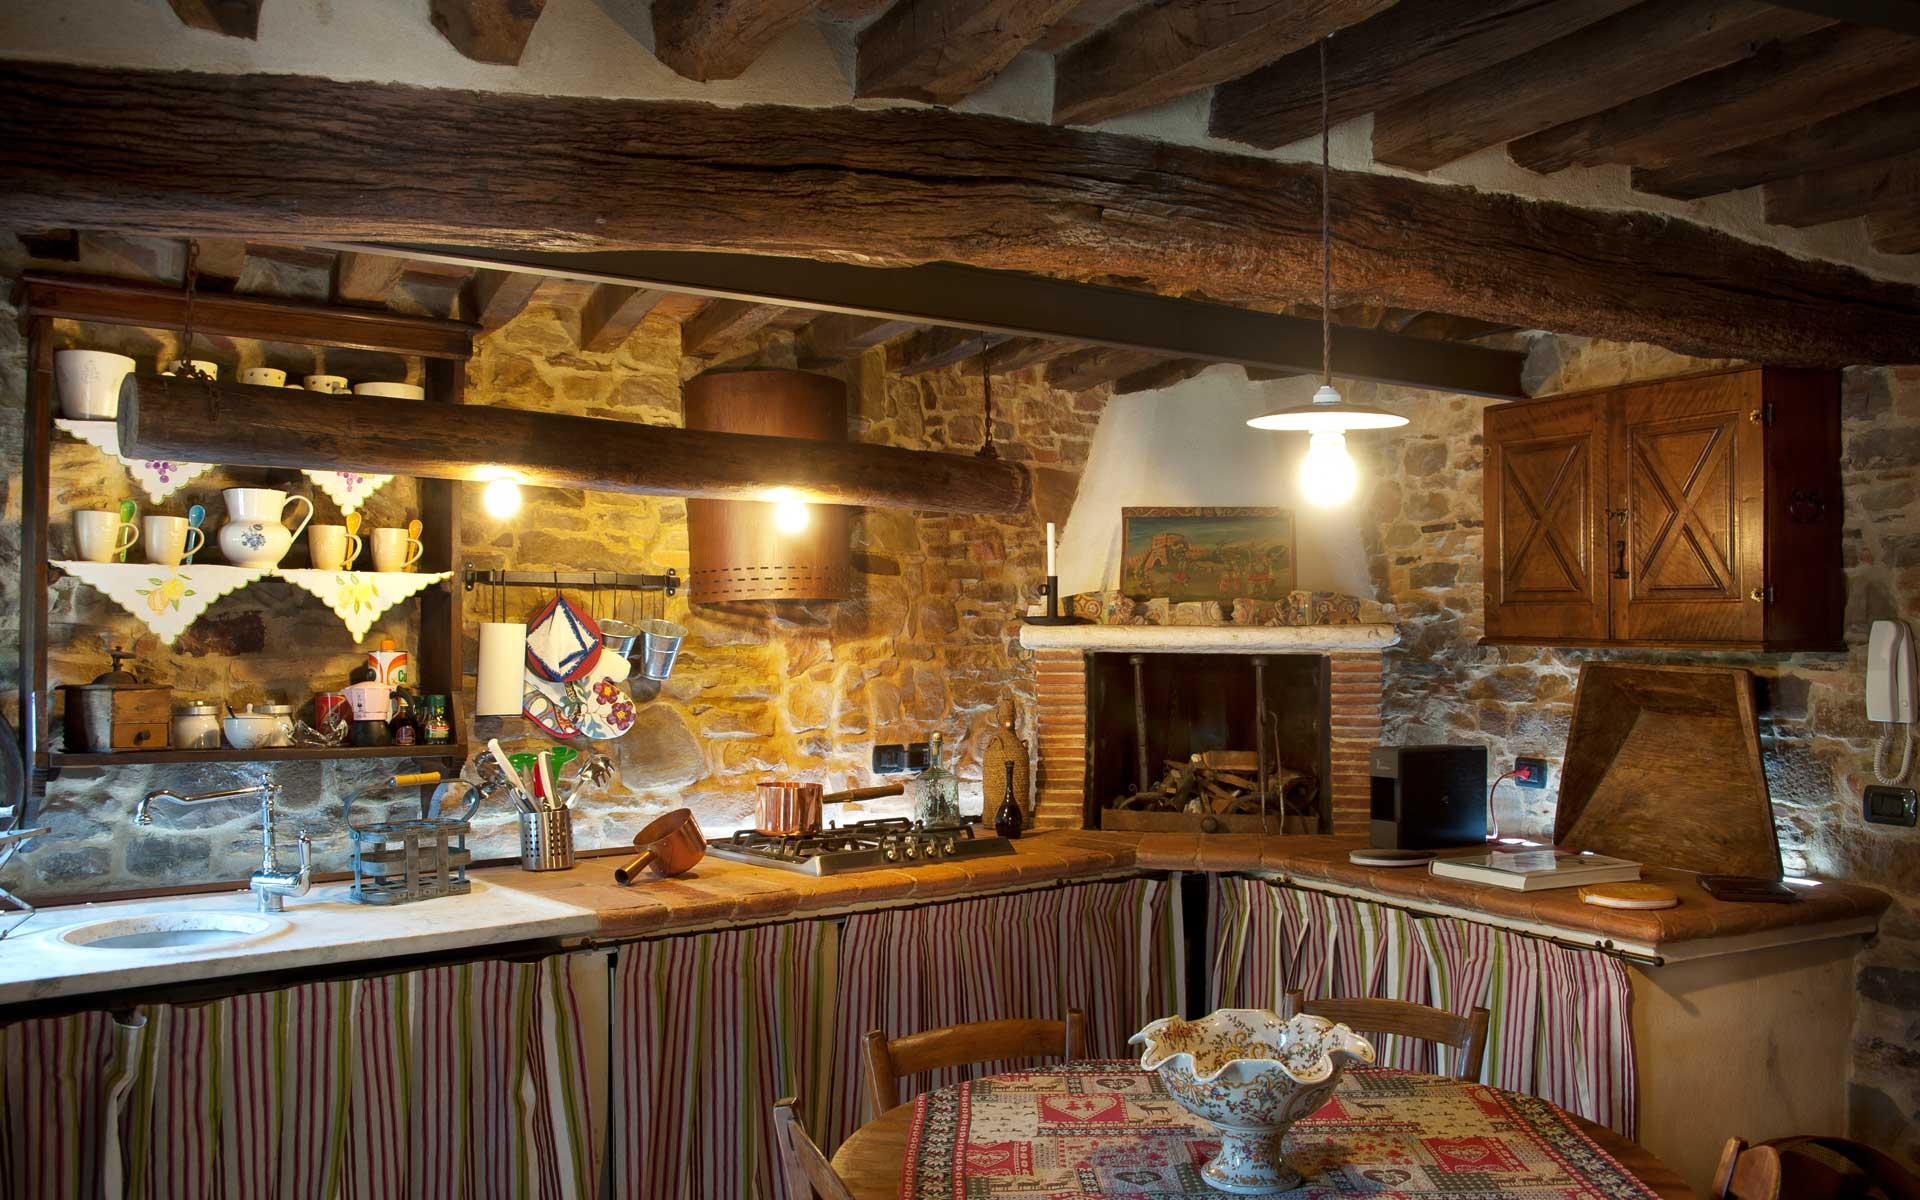 Torre barbieri bed breakfast neviano degli arduini parma - Corsi di cucina parma ...